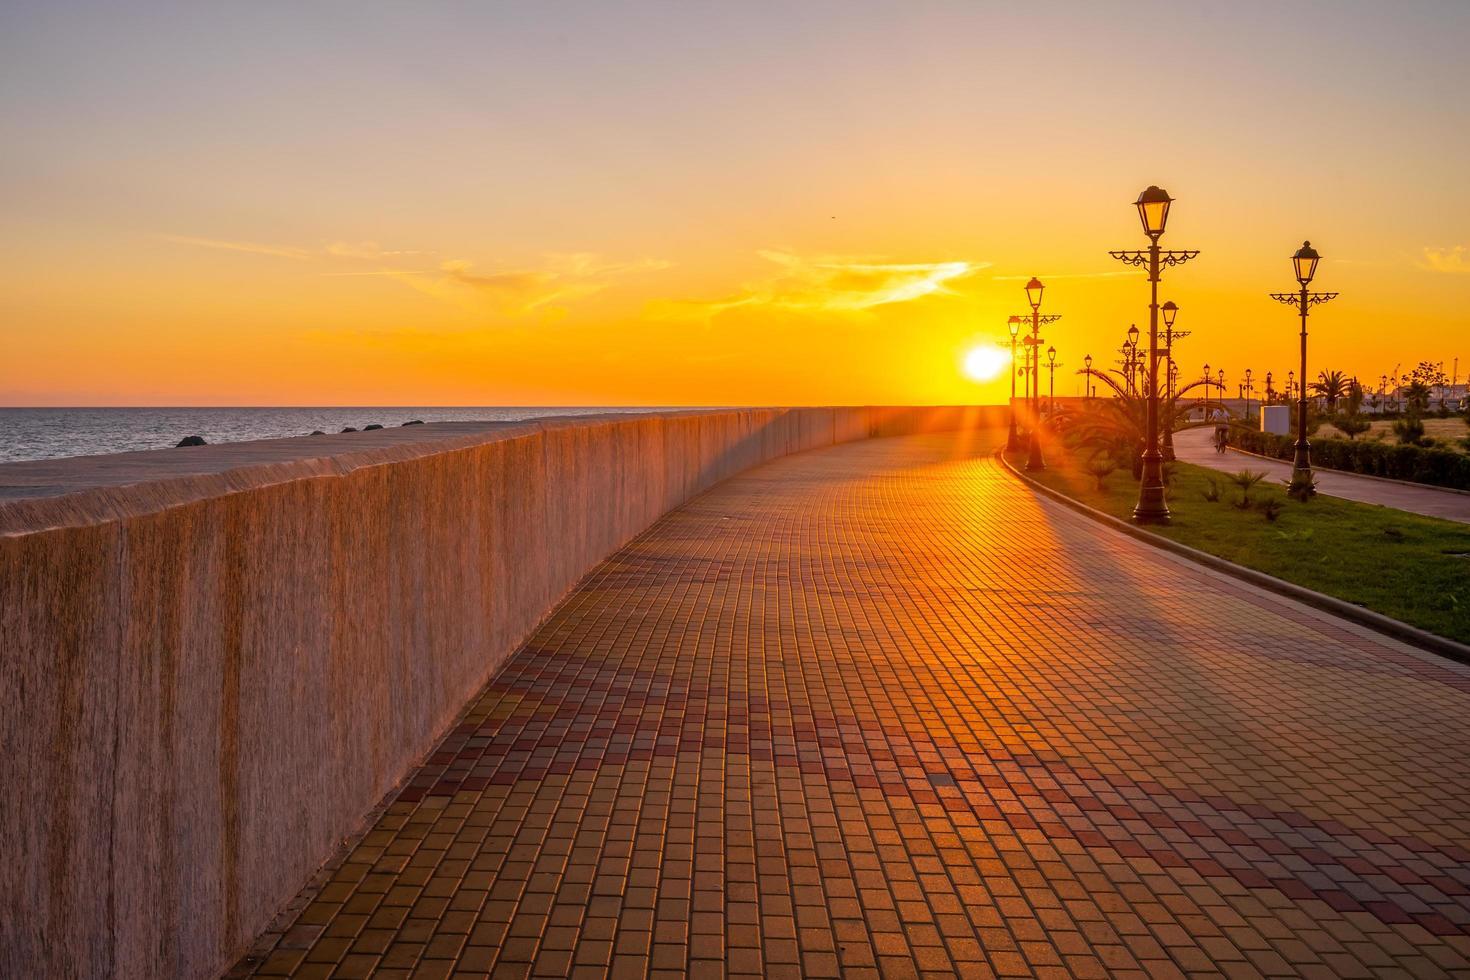 puesta de sol sobre el paseo marítimo de la ciudad turística. foto